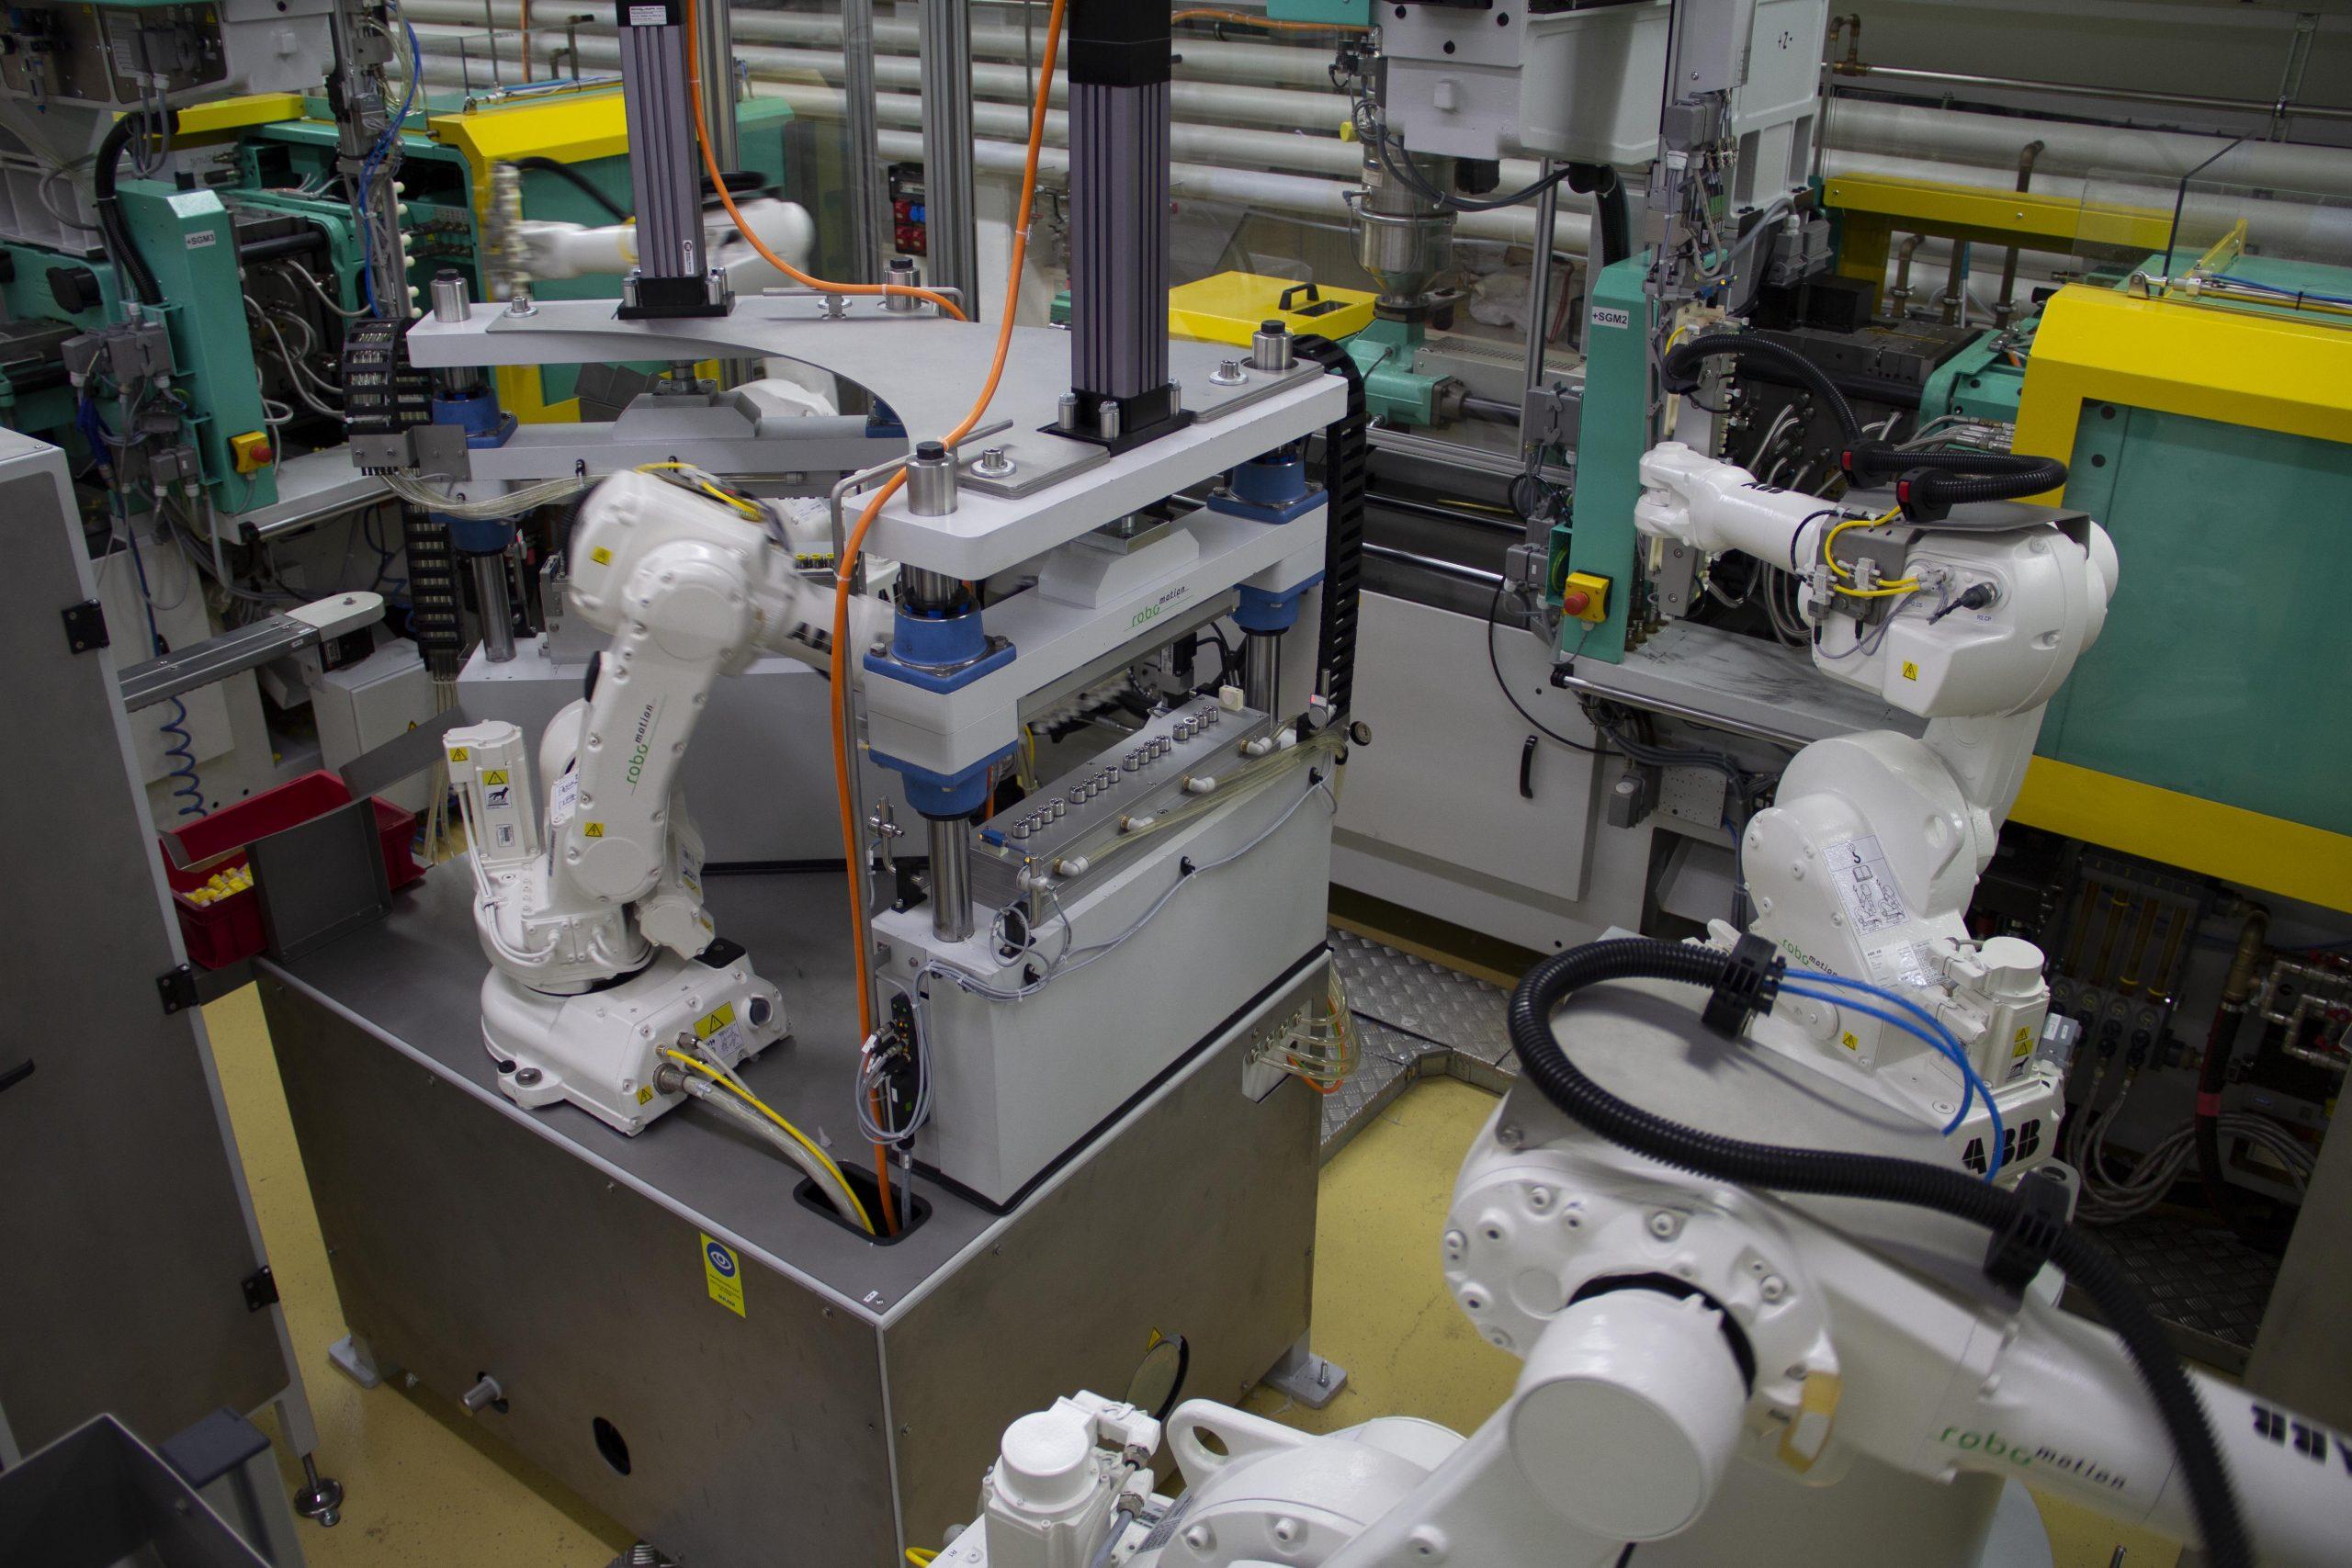 Beim Handling helfen Roboter. (Bild: MPDV Mikrolab GmbH)